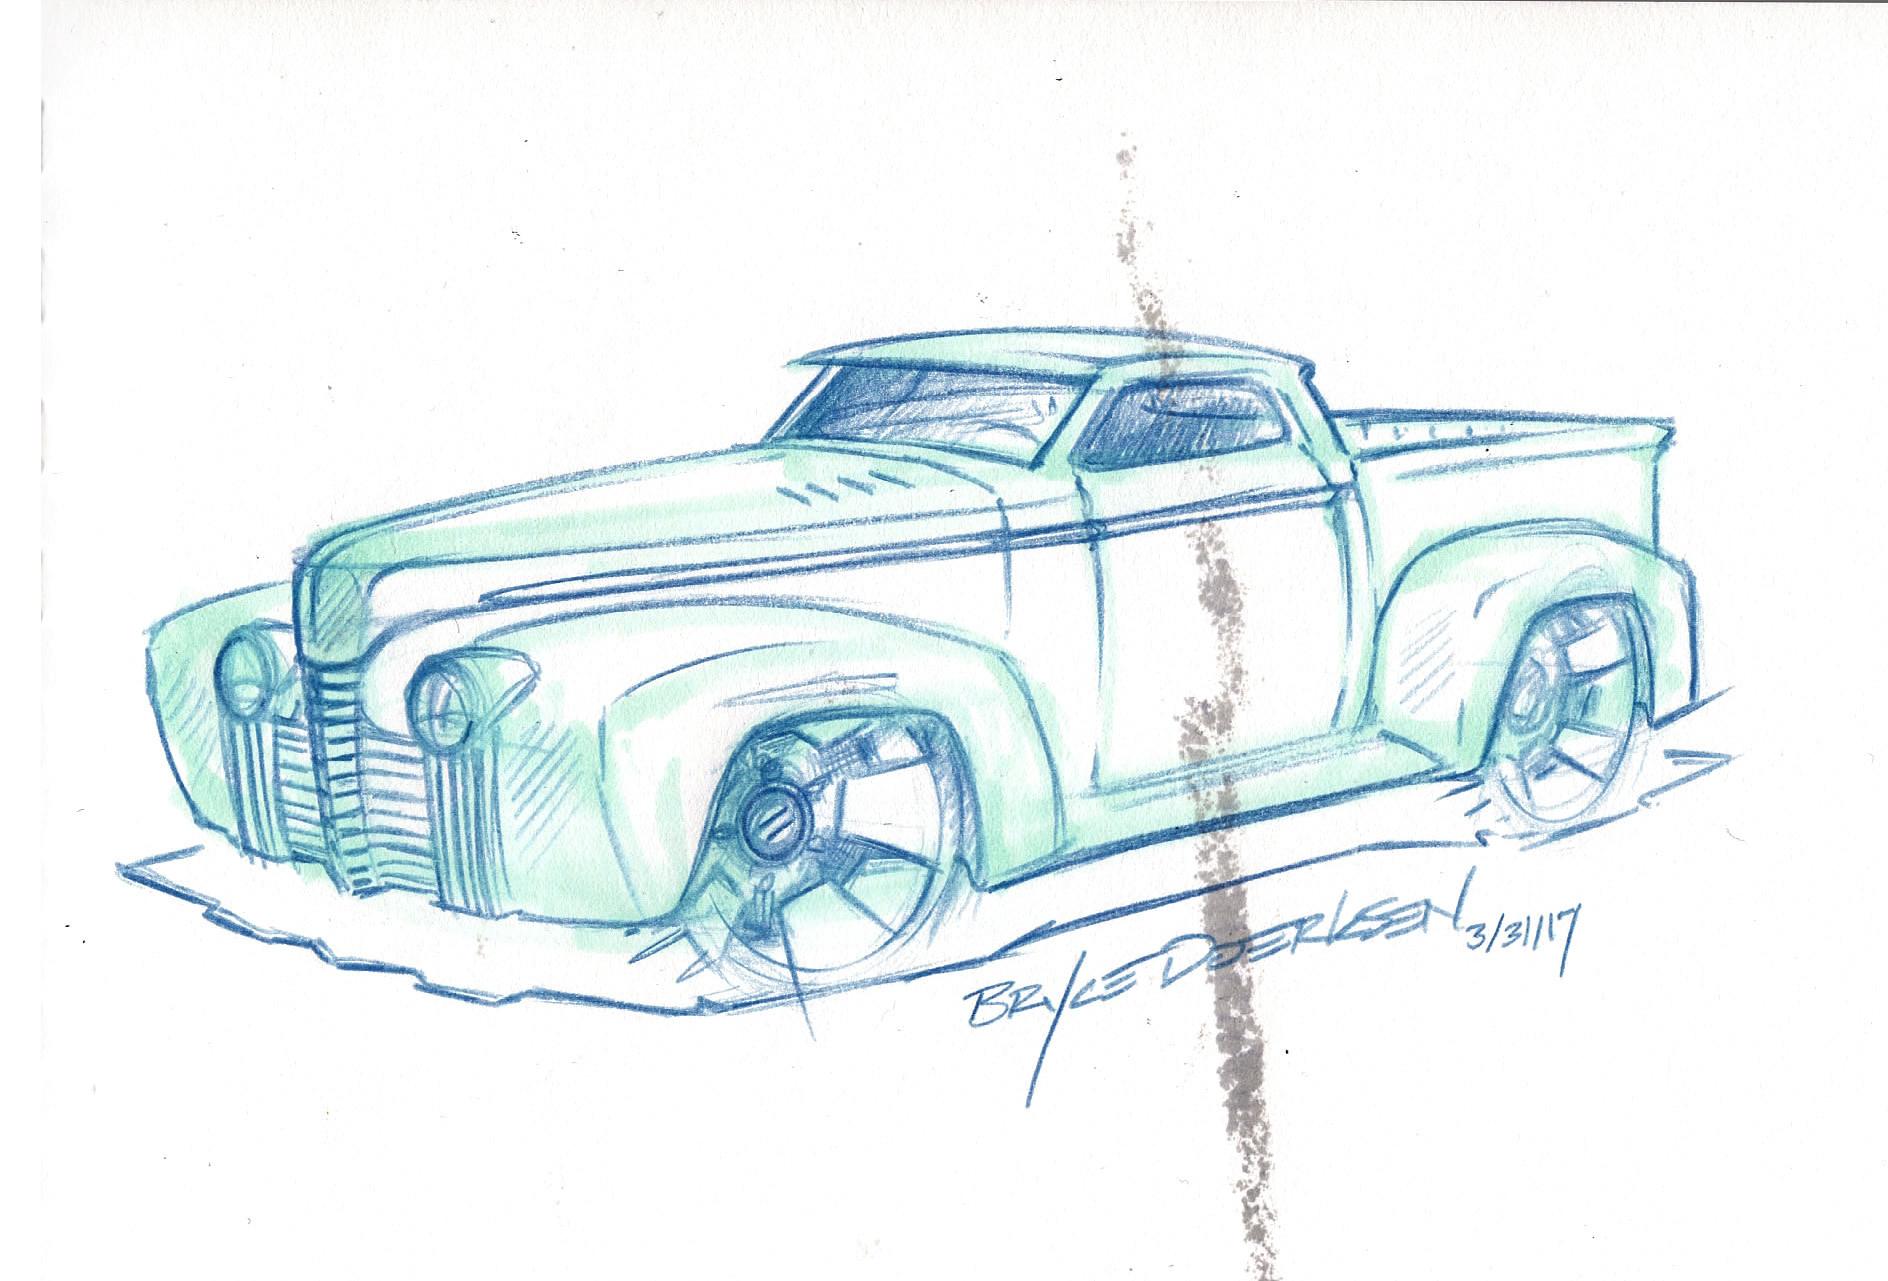 Bryce Doerksen - Vehicle Doodles